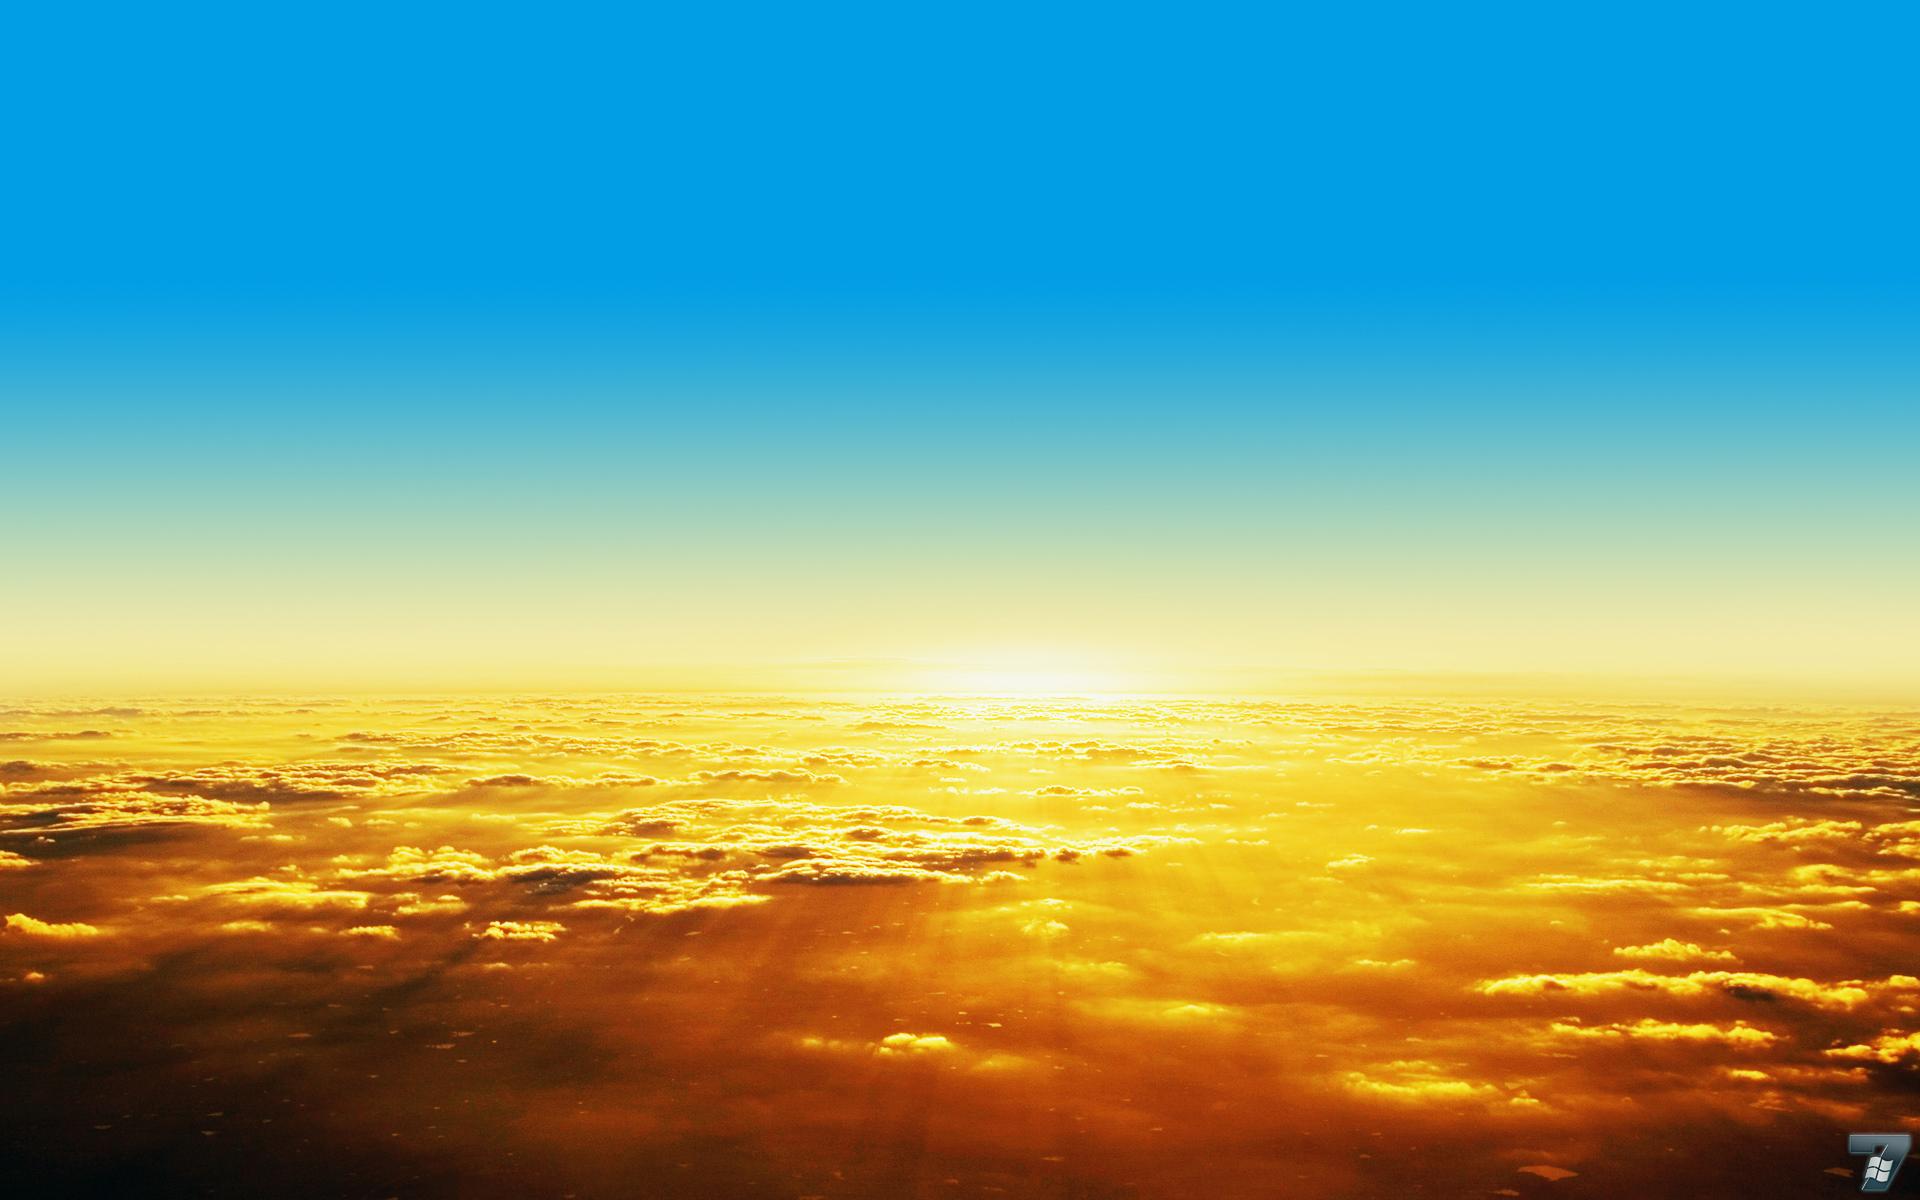 Gold and Blue Wallpaper - WallpaperSafari